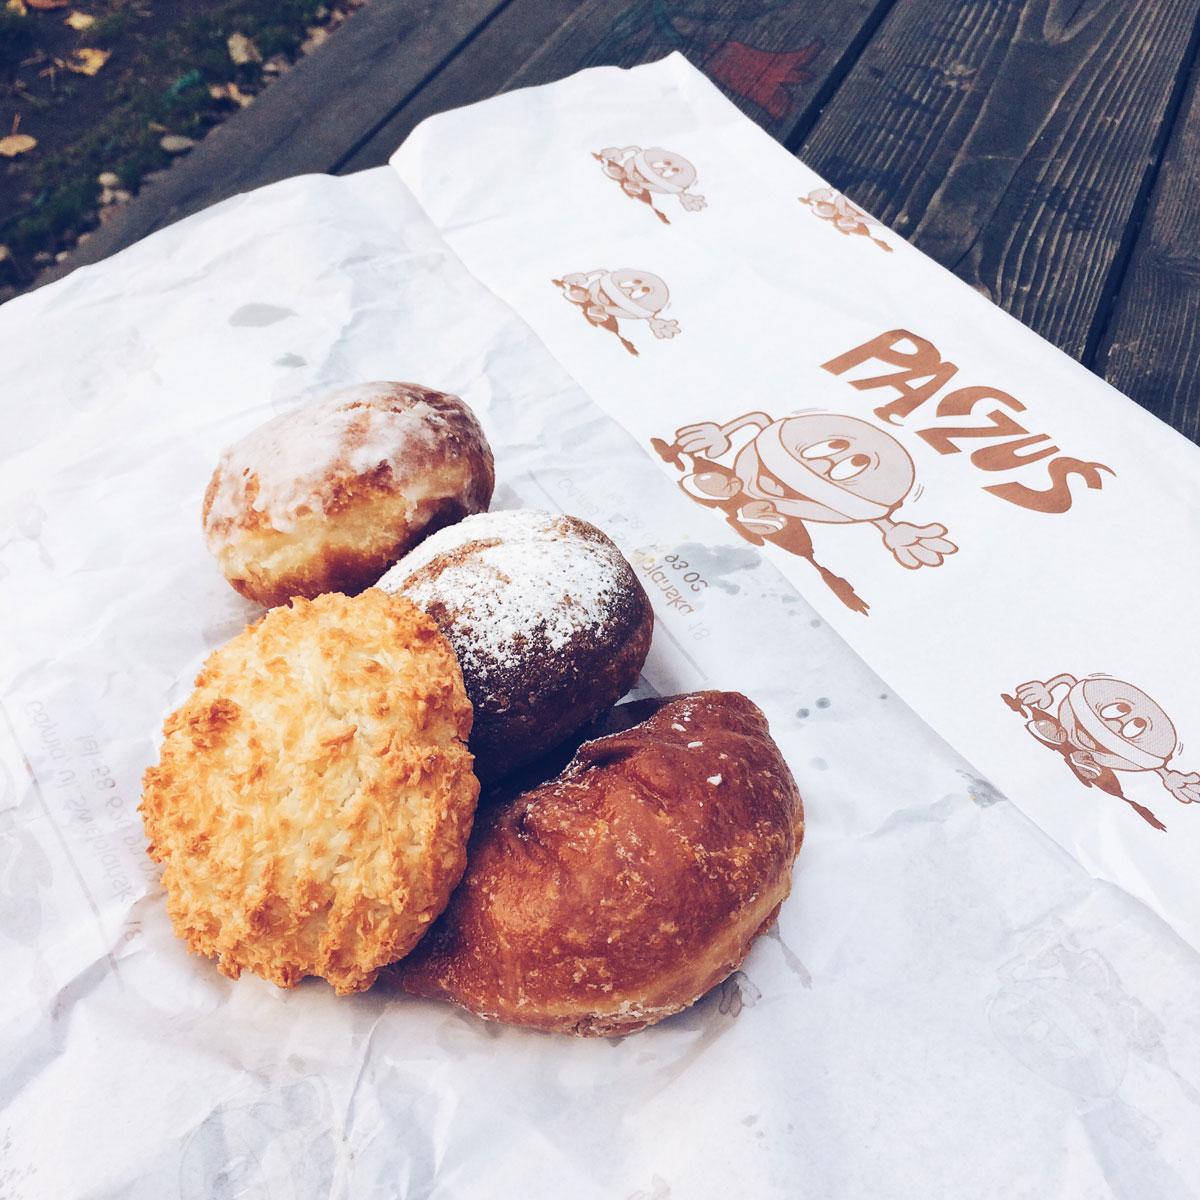 pączki z cukierni Pączuś w Gdyni